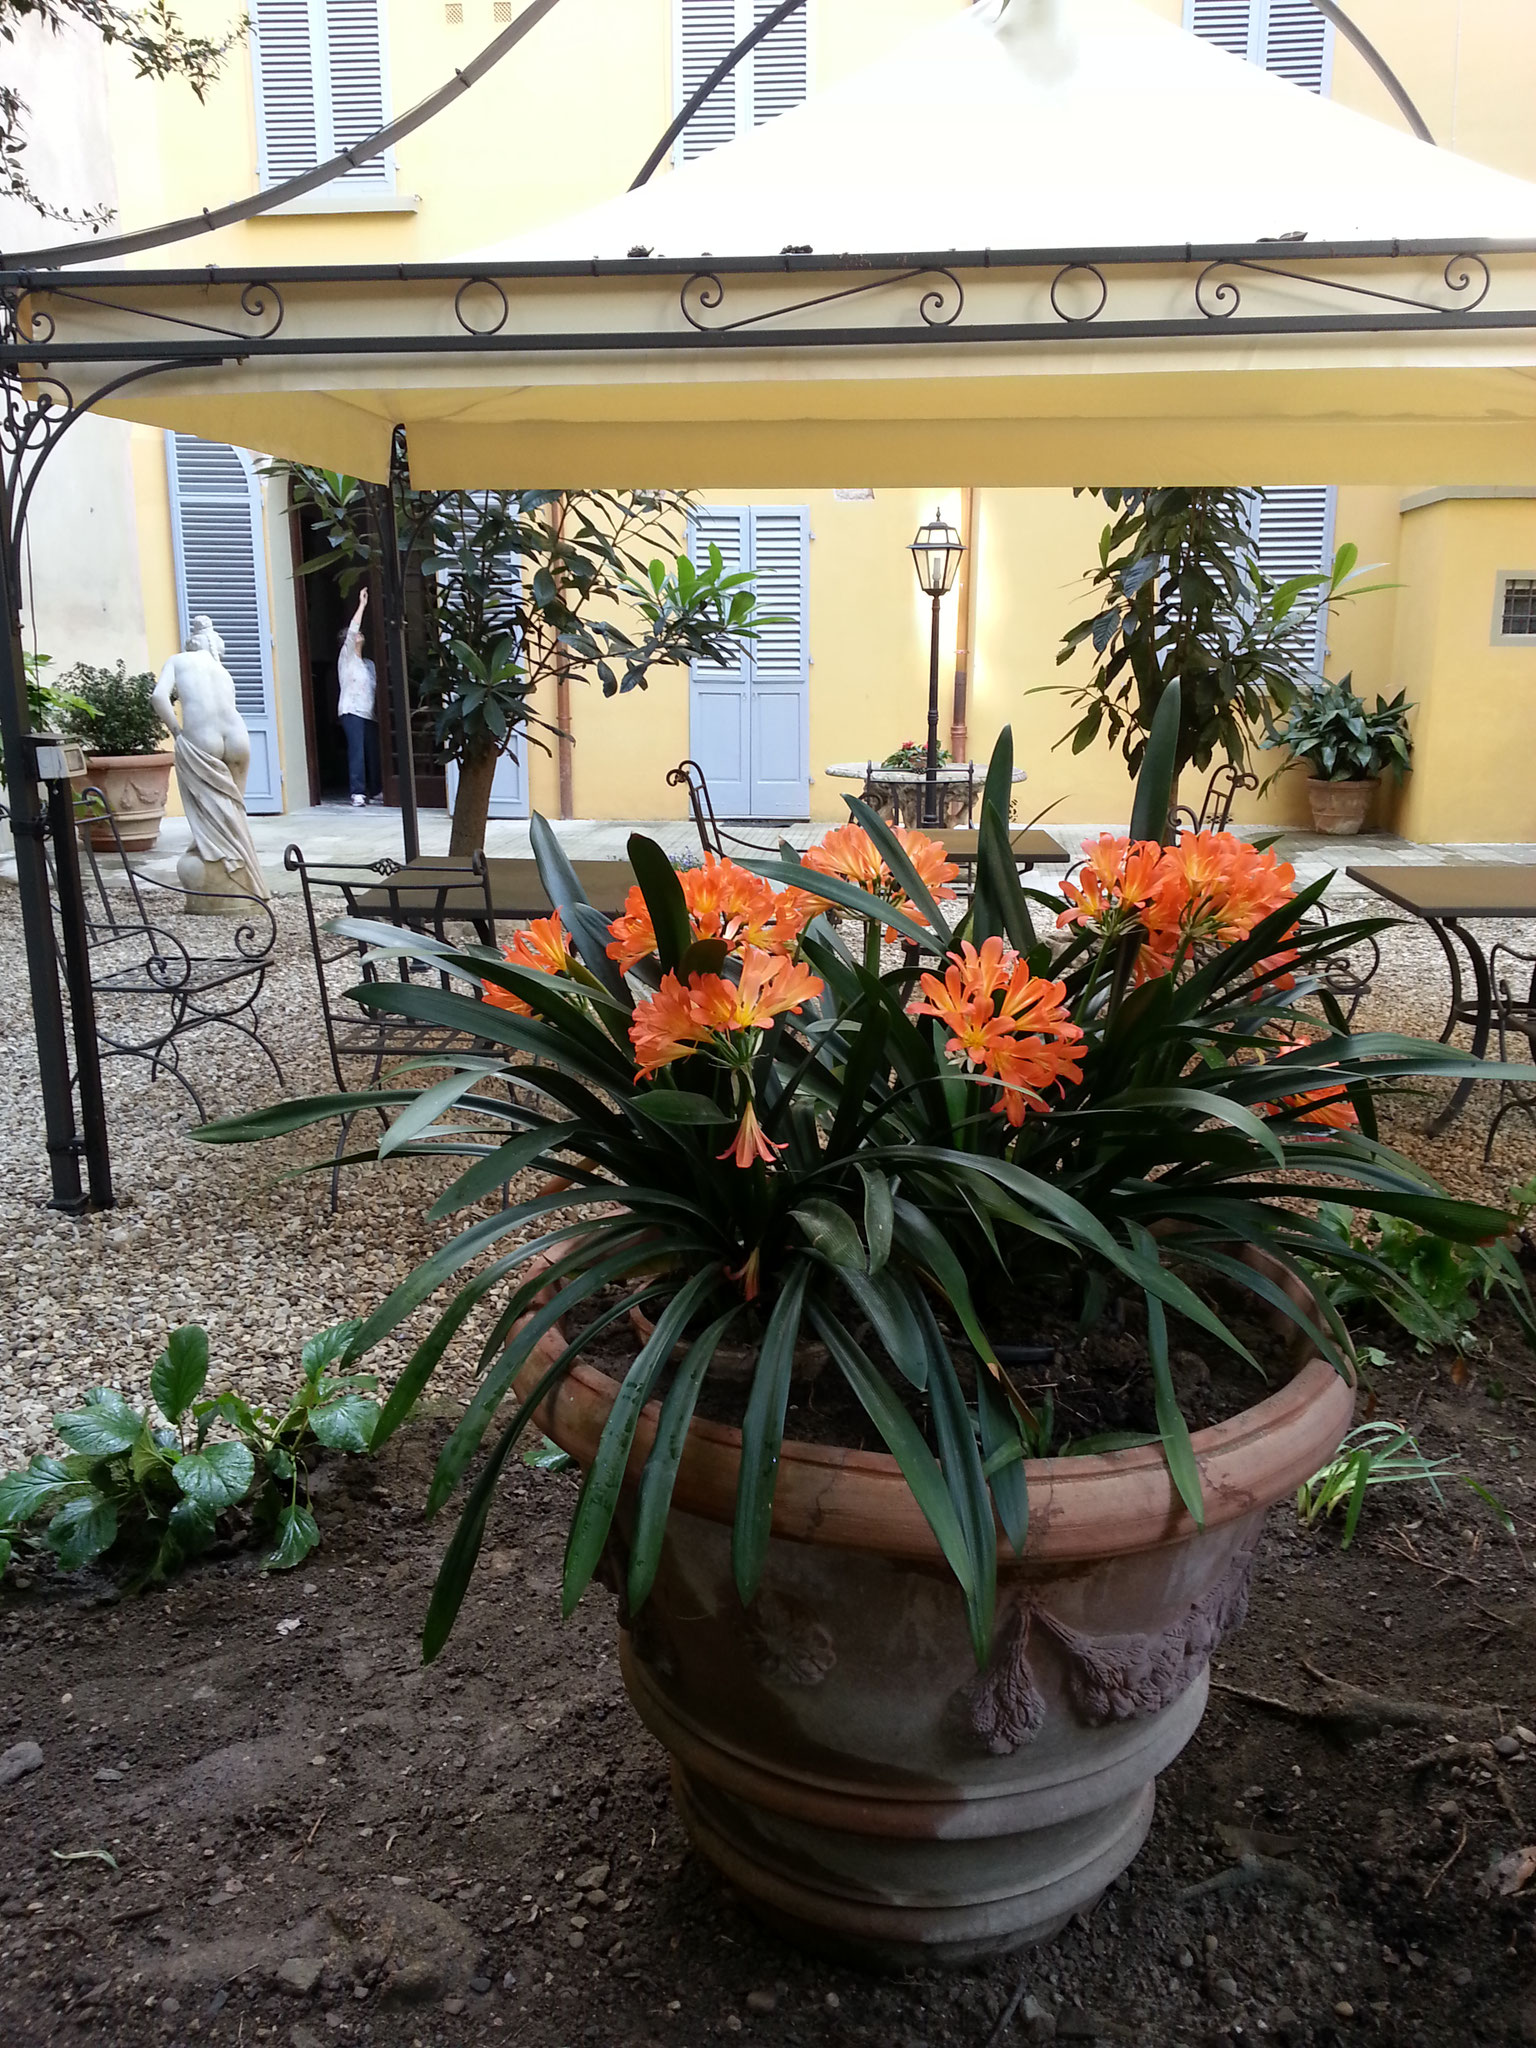 Dimora fiorentina soggiorno a firenze little garden for Firenze soggiorno